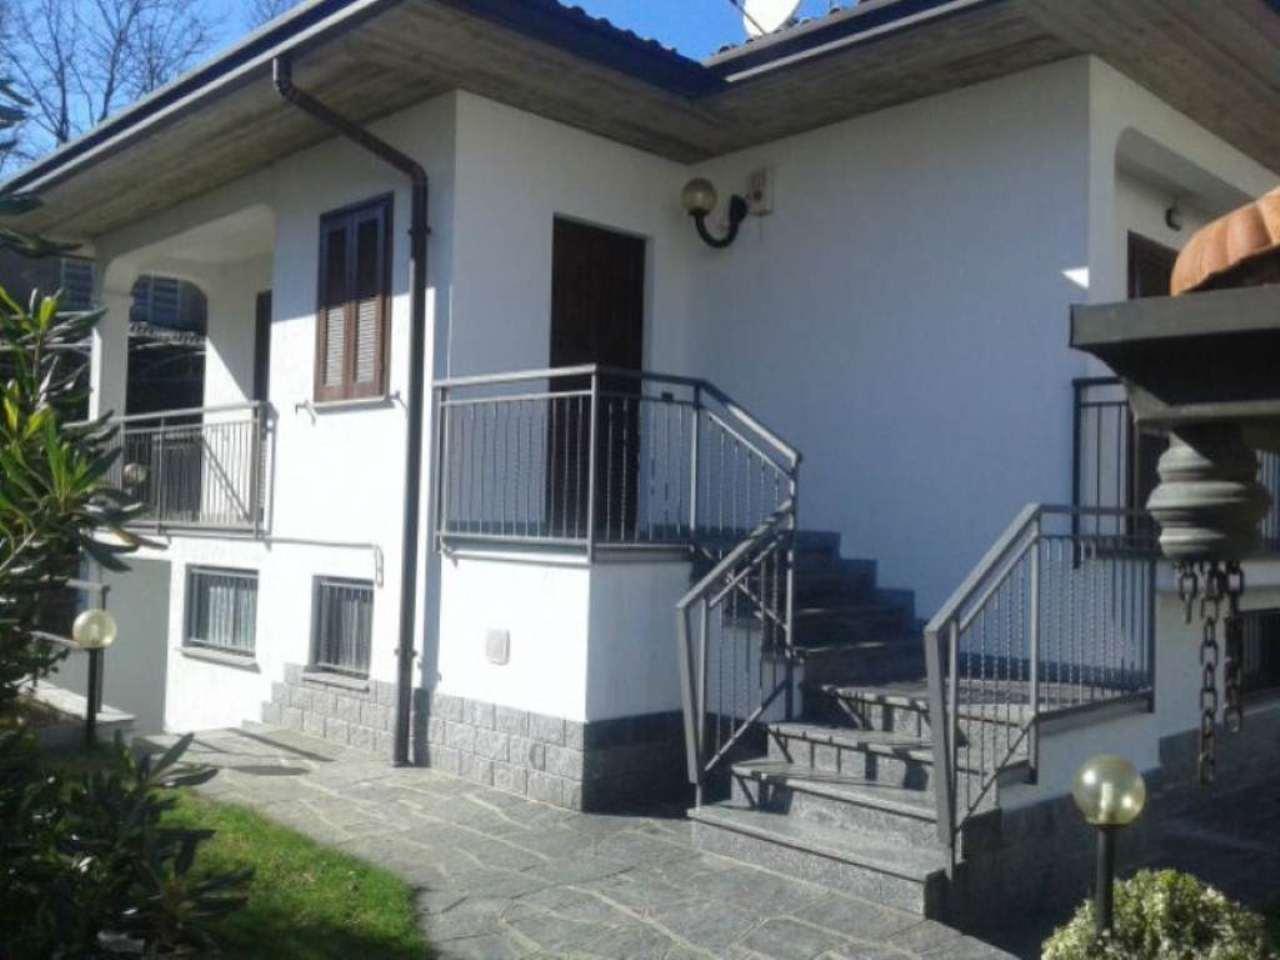 Villa in vendita a Morazzone, 8 locali, prezzo € 390.000 | Cambio Casa.it